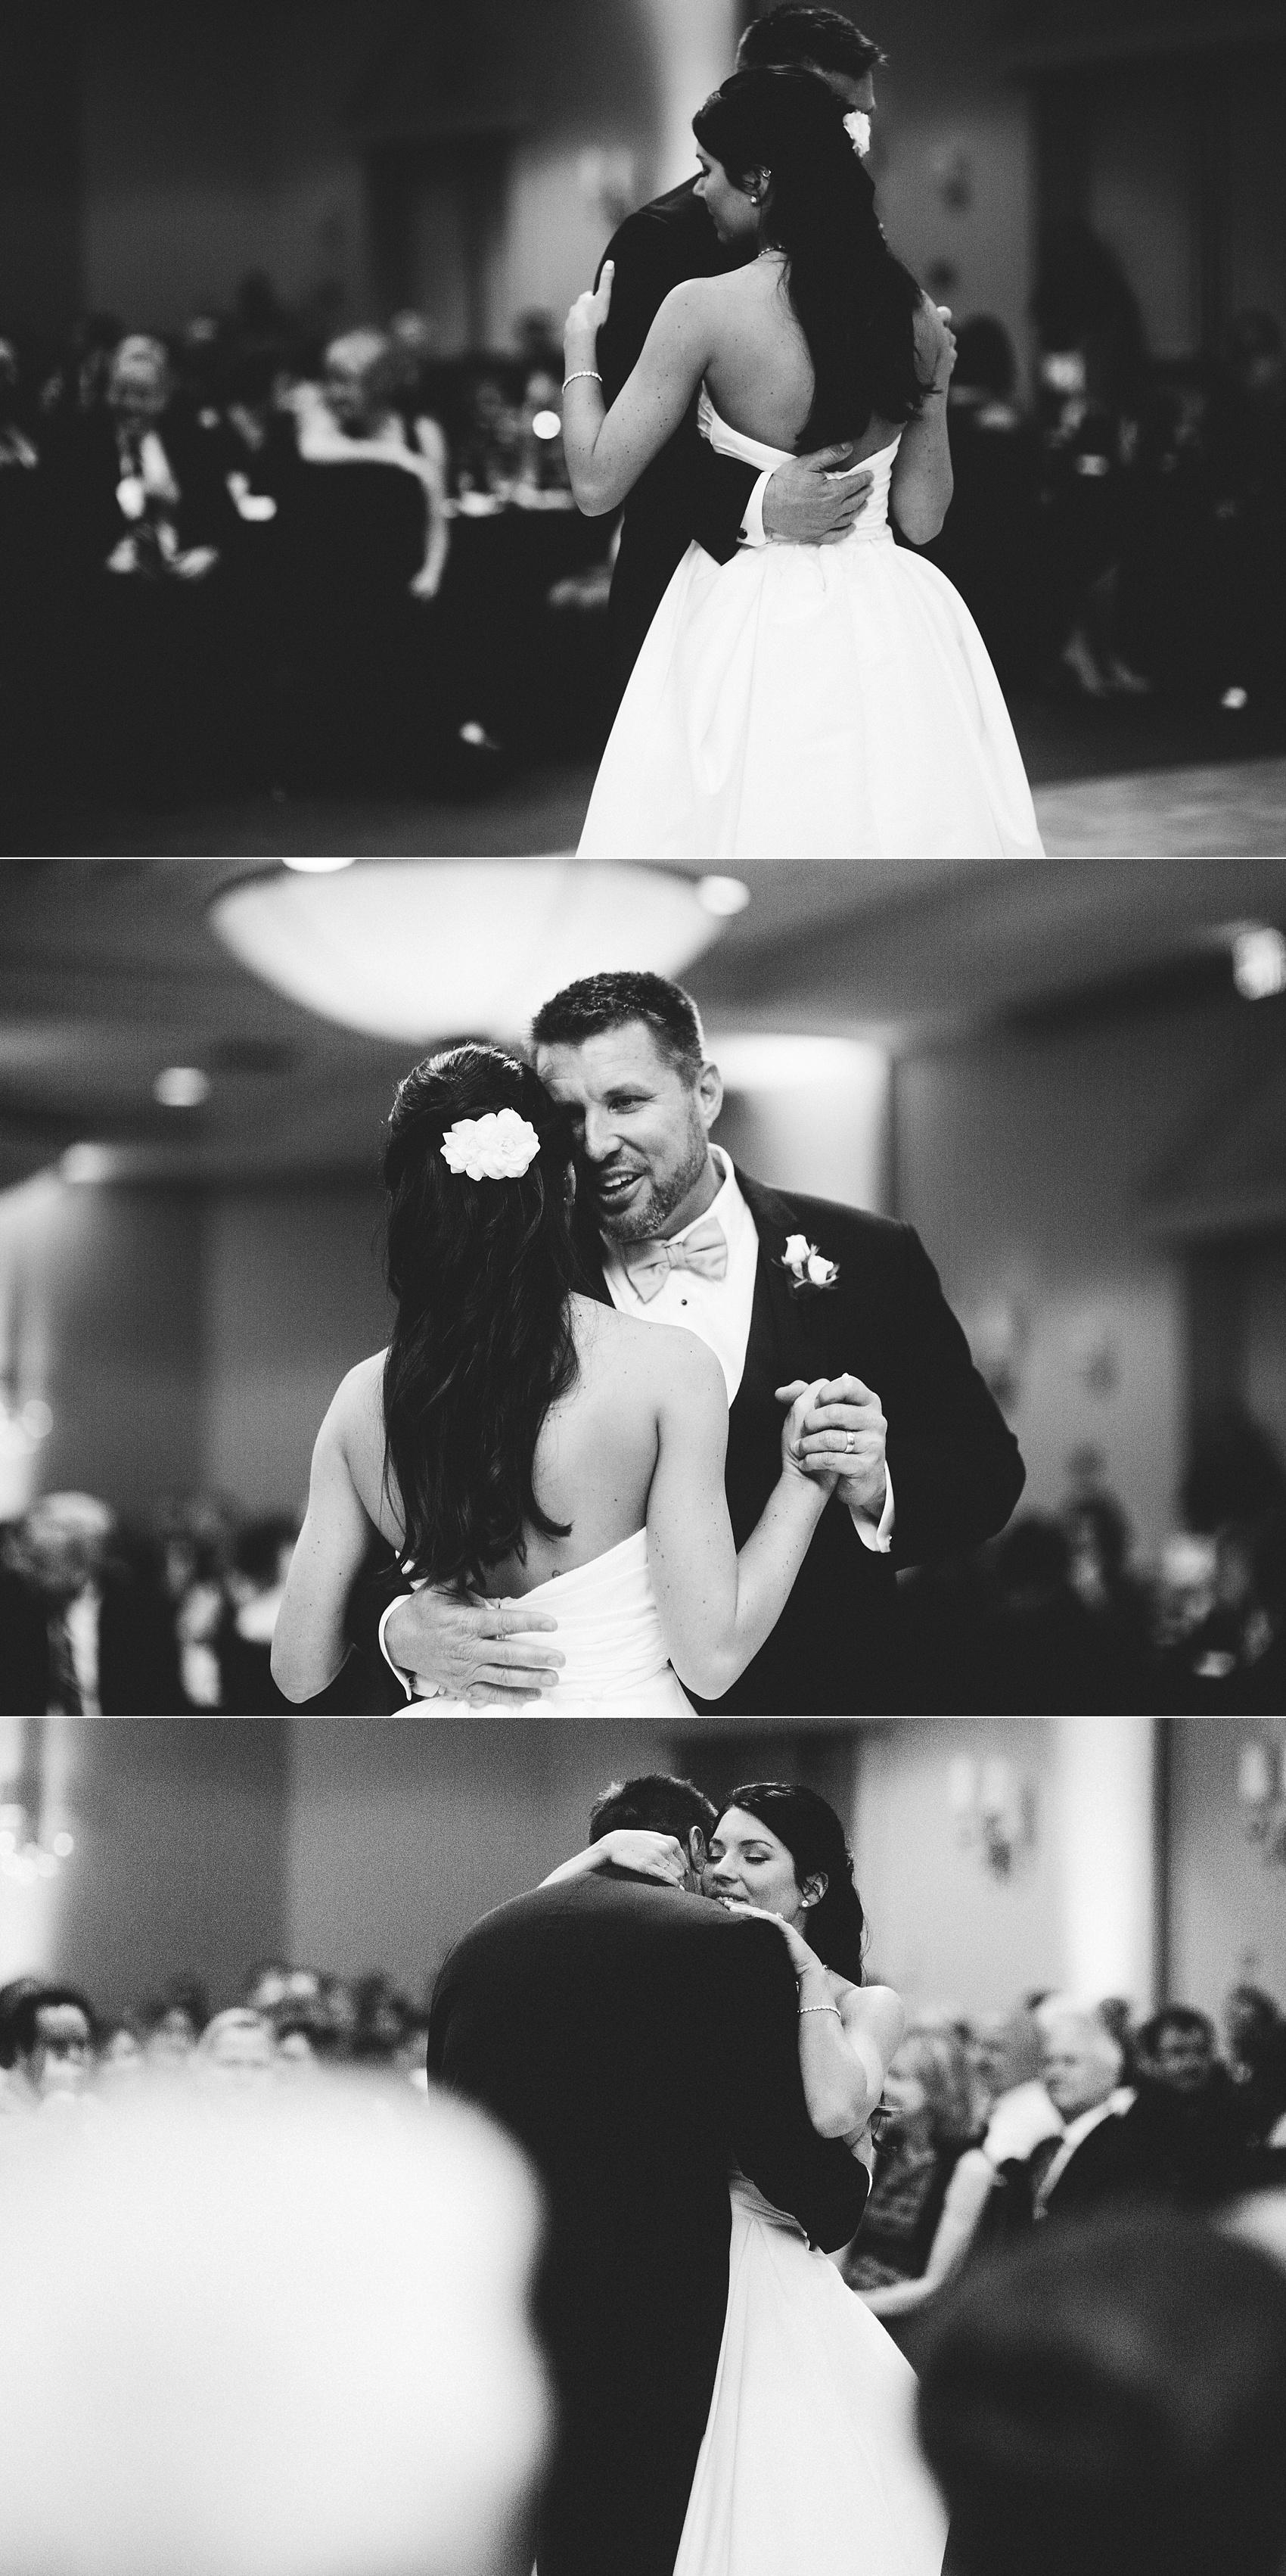 tampa wedding photographer luke haley-22